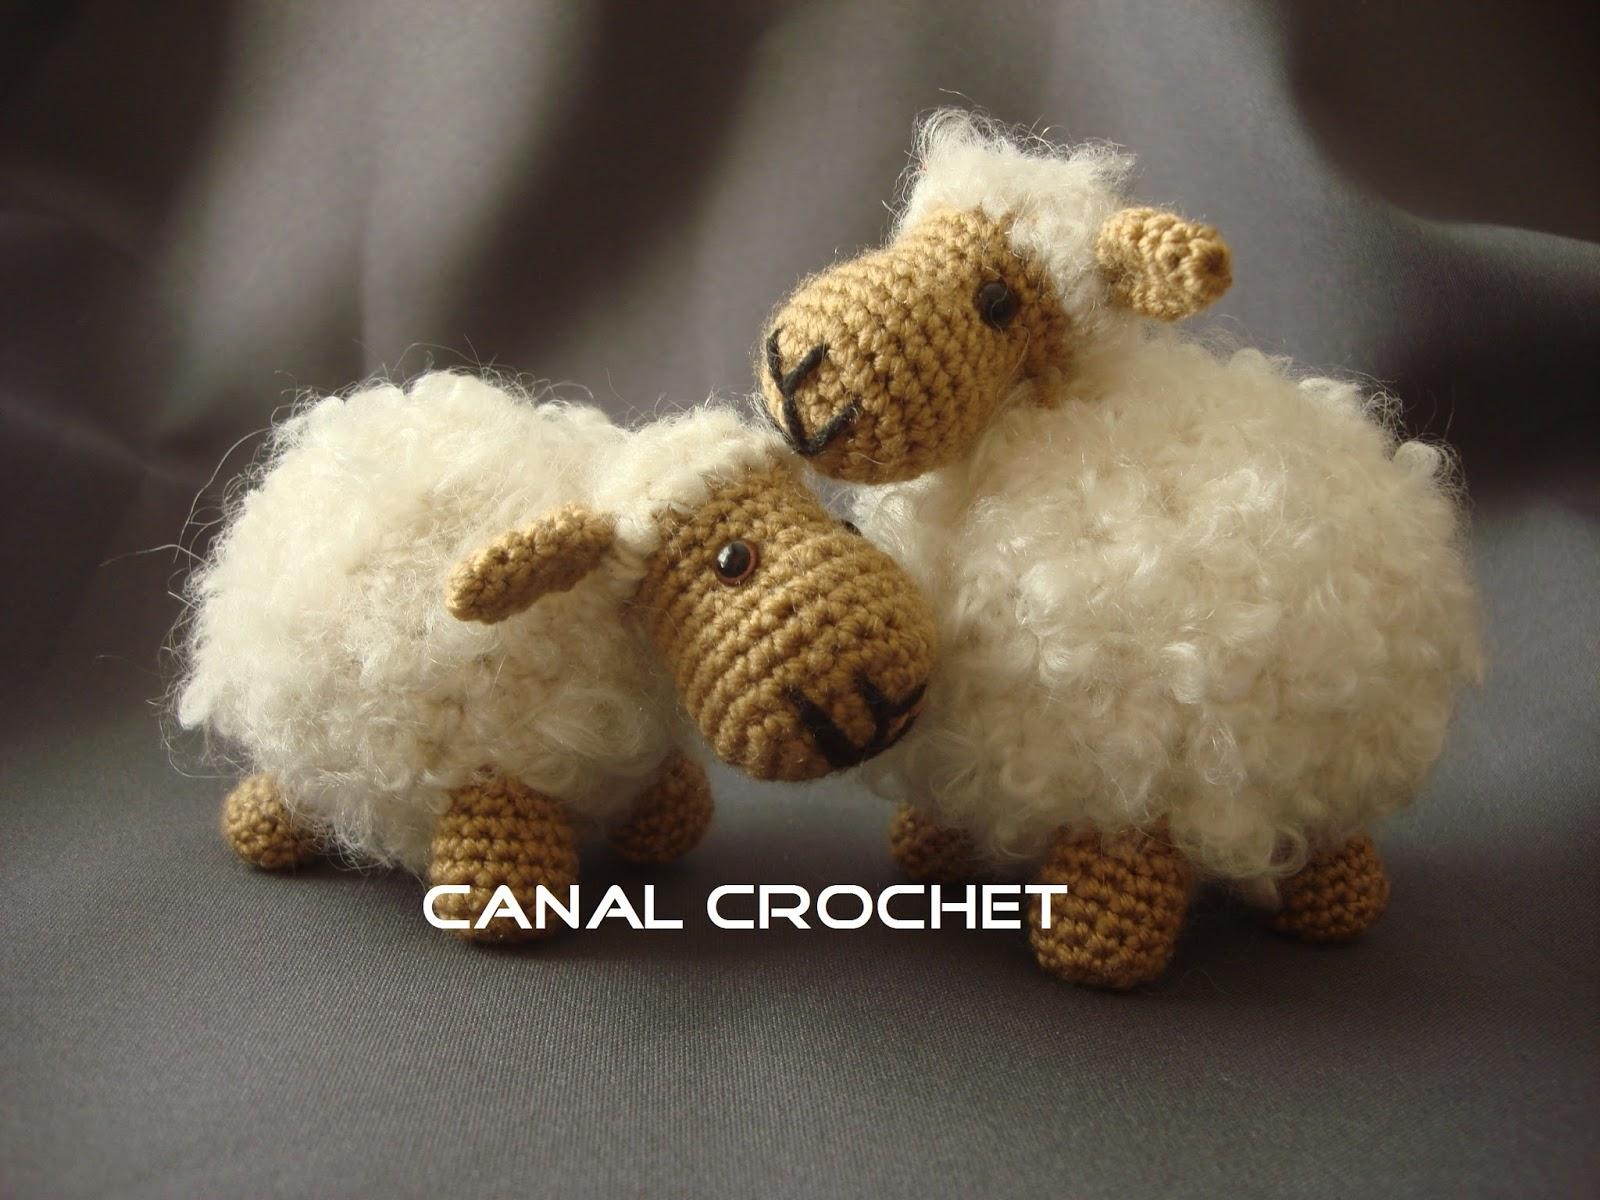 Dinosaurios Amigurumis Patrones Gratis : Canal crochet: oveja amigurumi patrón libre: